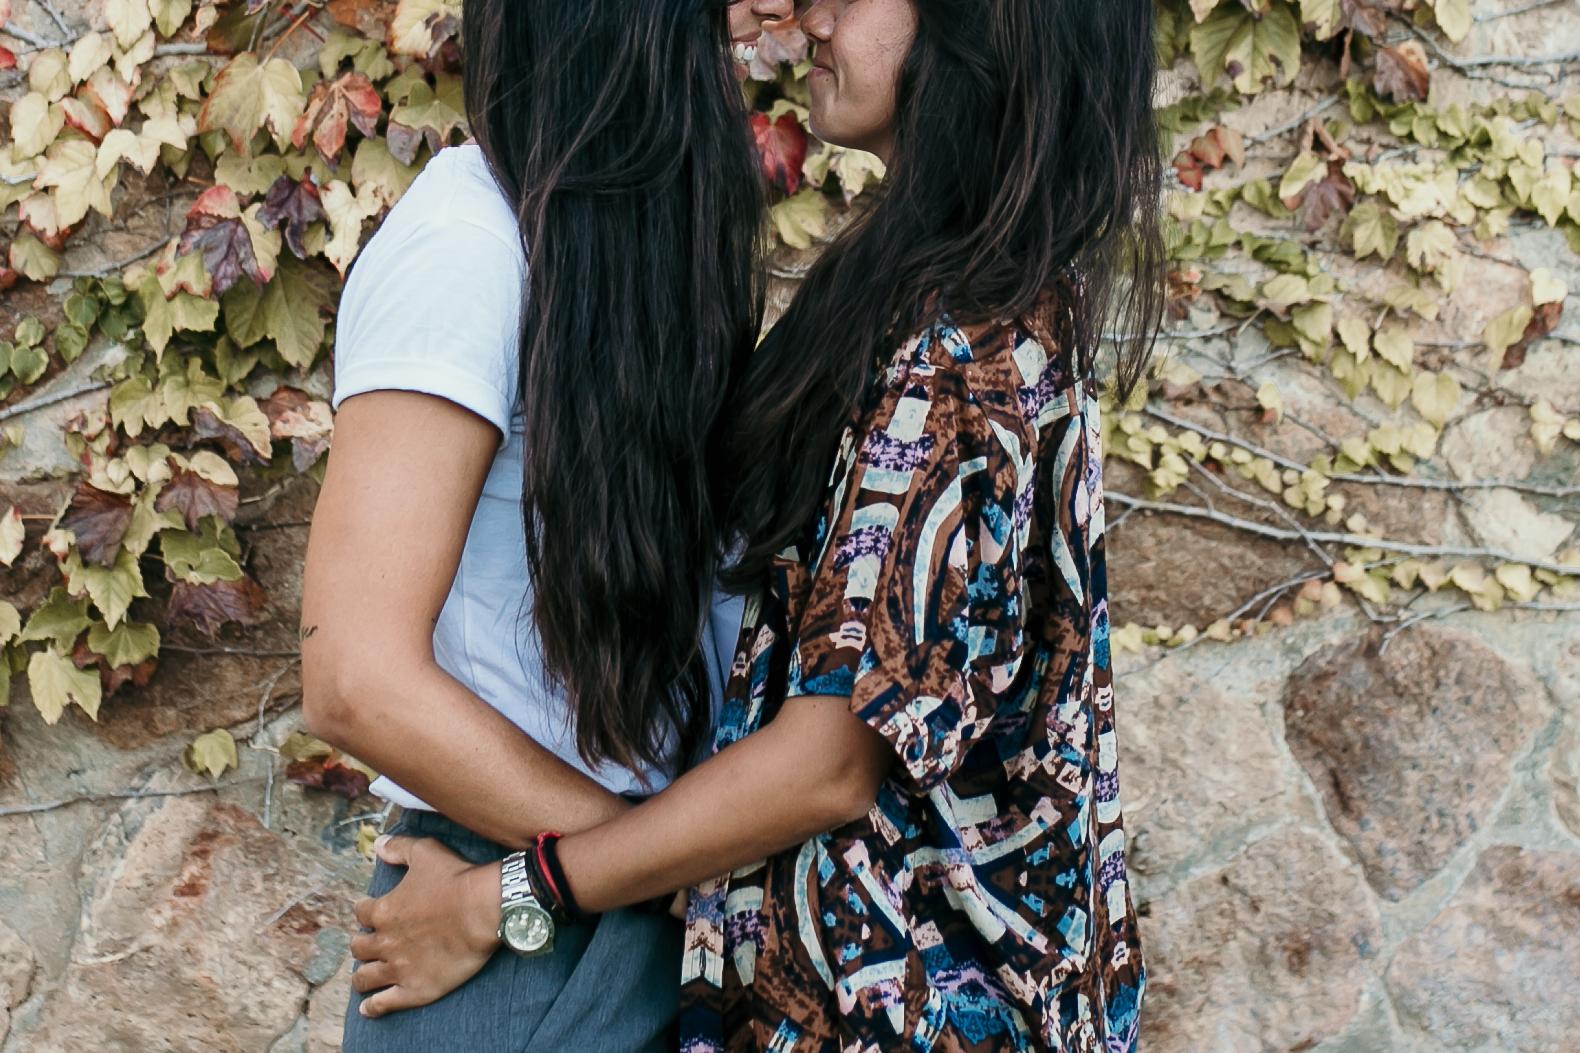 """resultados en google SERP al buscar """"fotografia de parejas LGBT"""""""